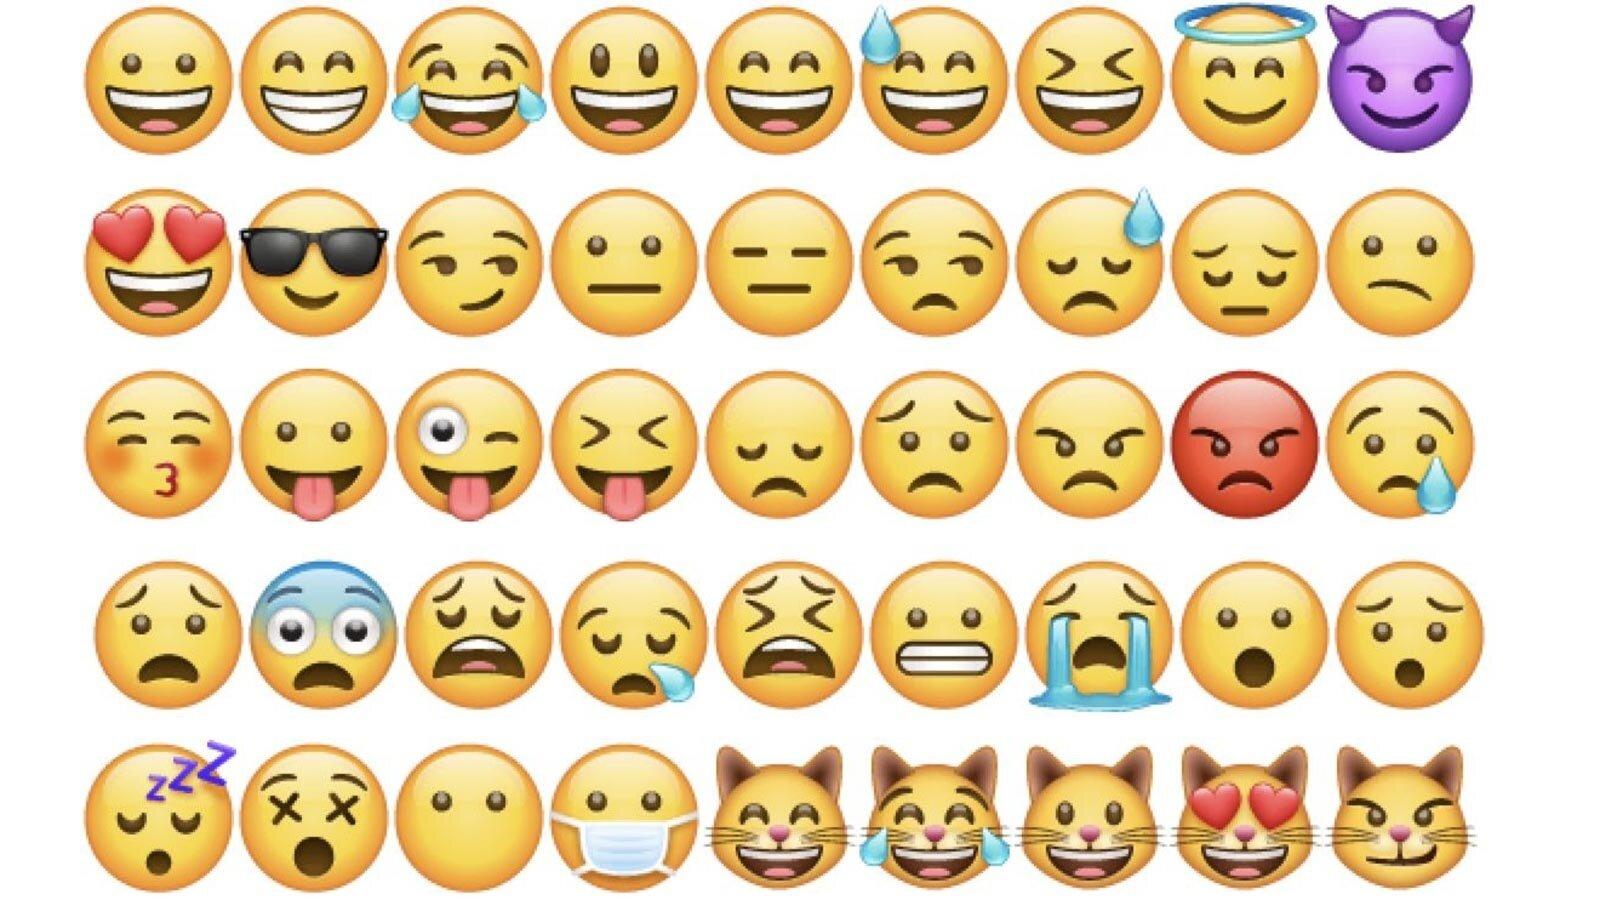 whatsapps-emojis